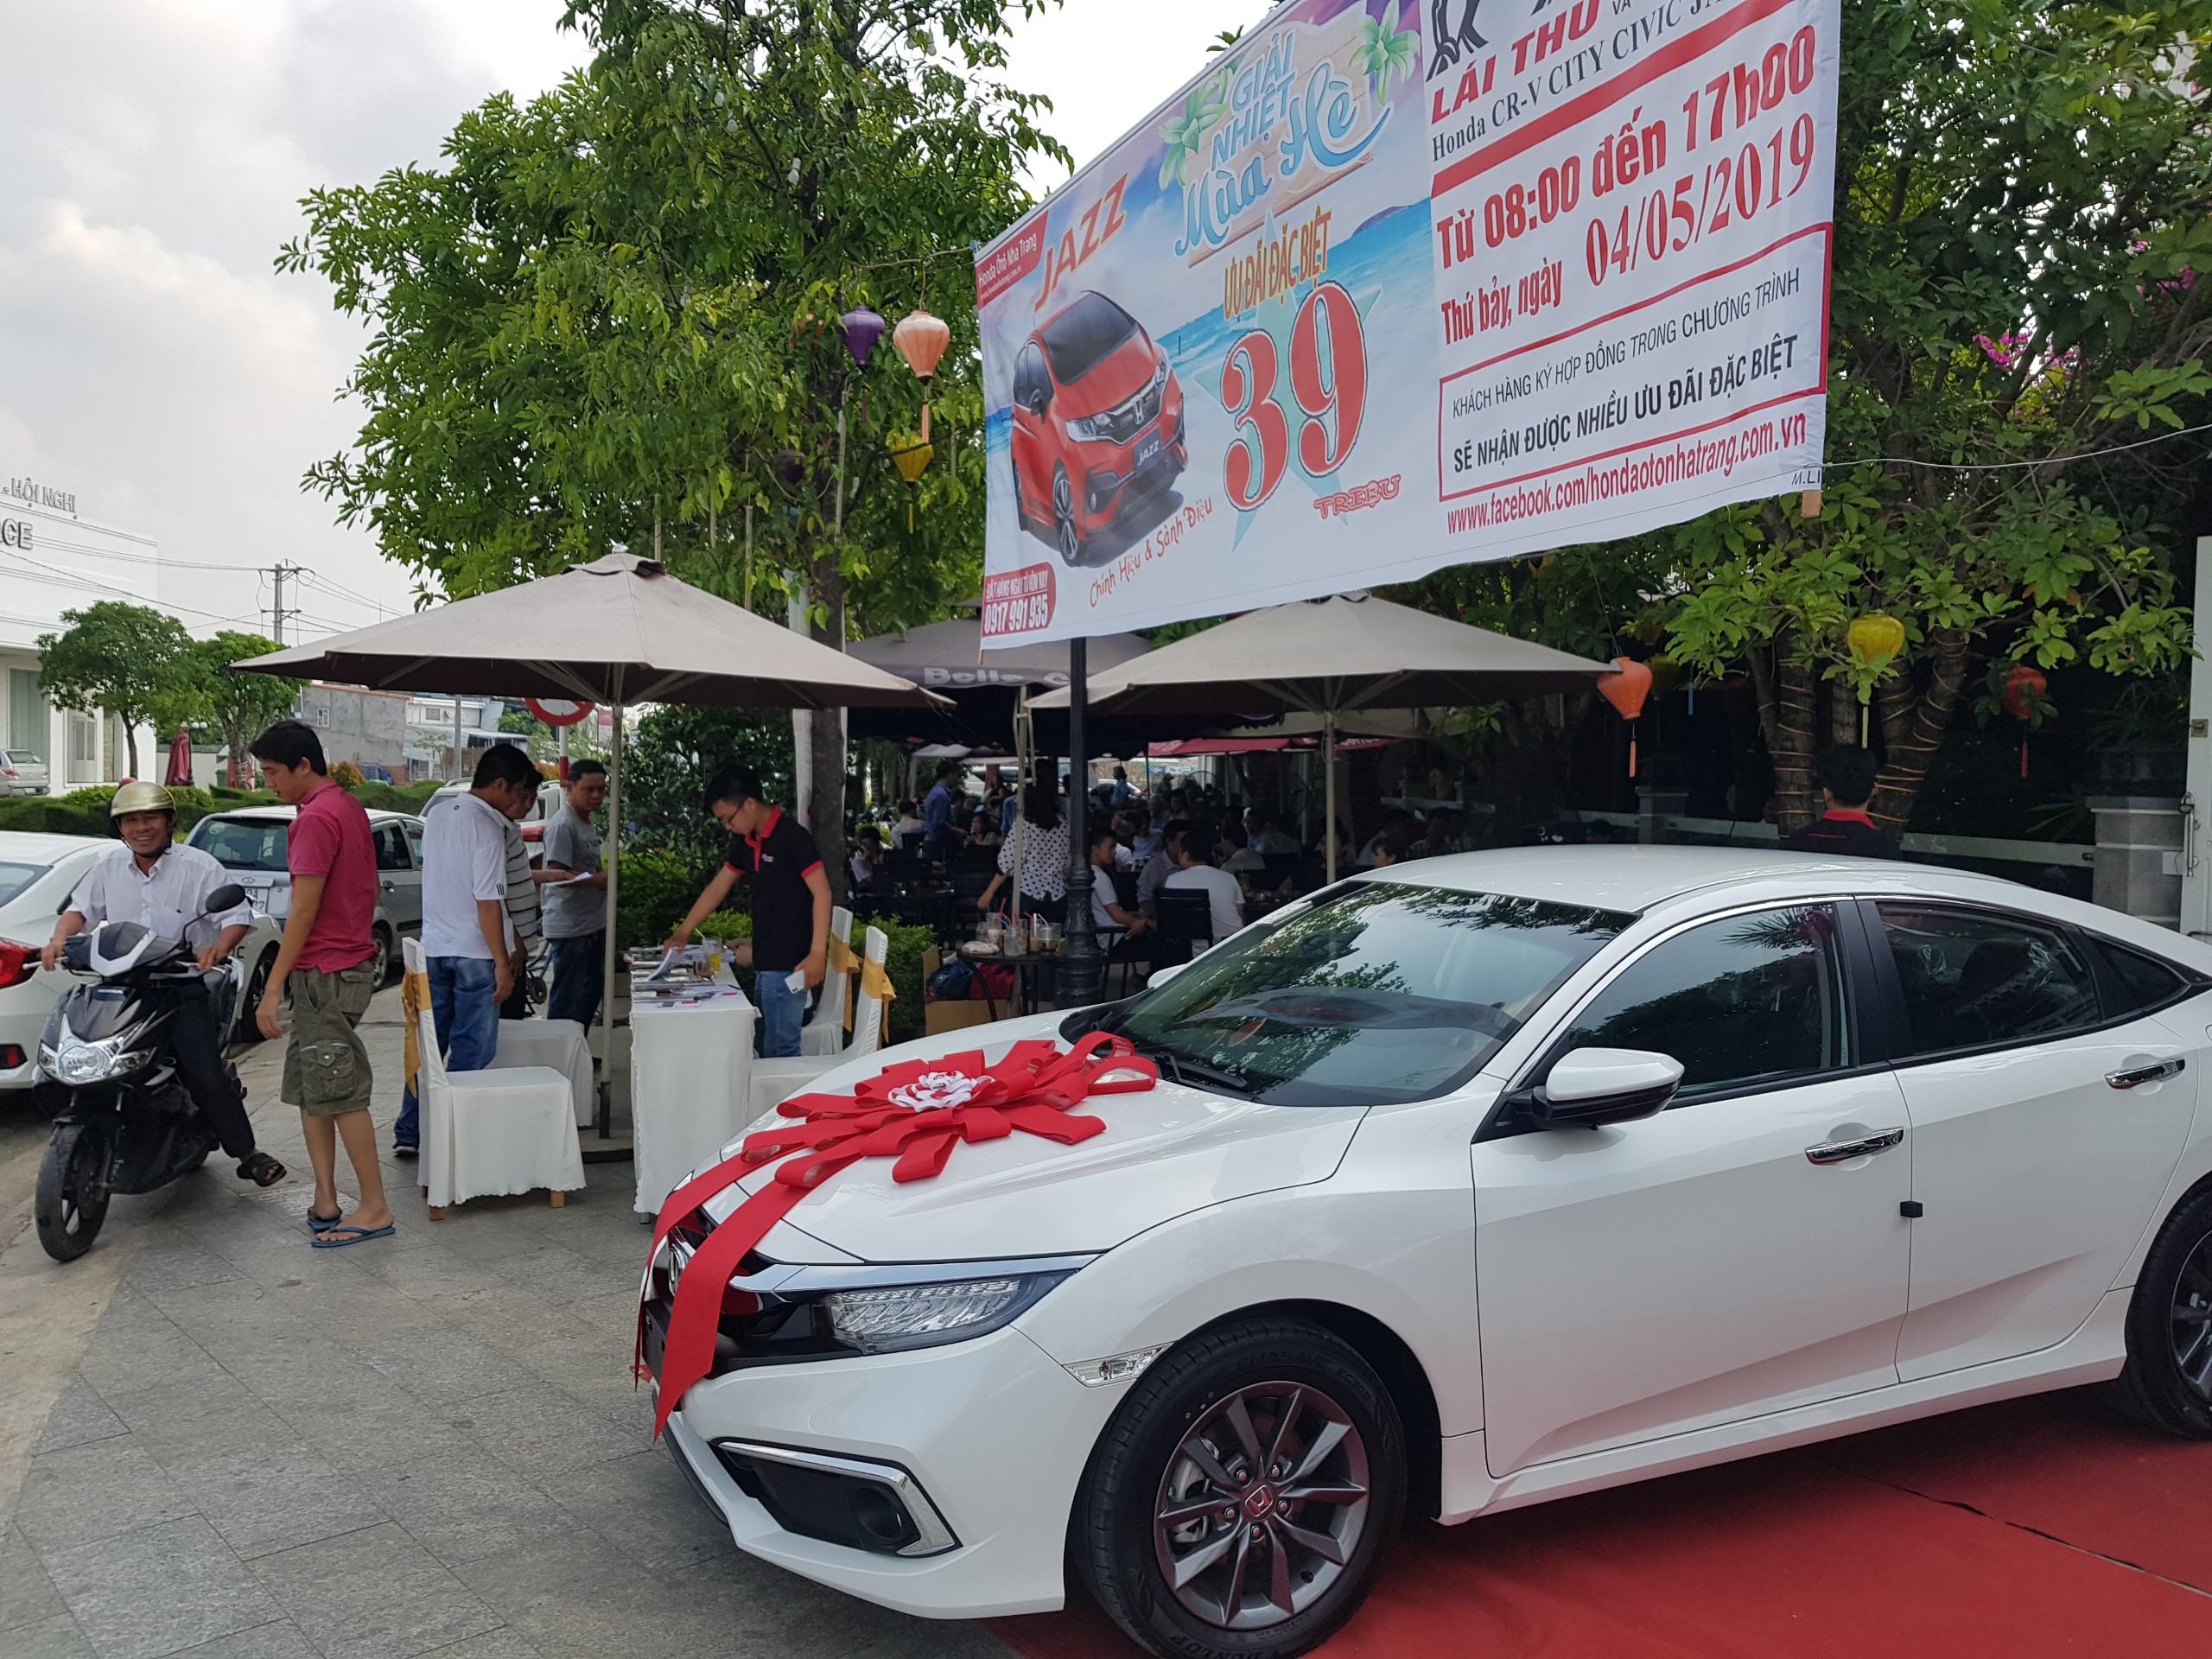 Lái thử và trải nghiệm Honda Ô tô tại thị xã Ninh Hòa, Khánh Hòa